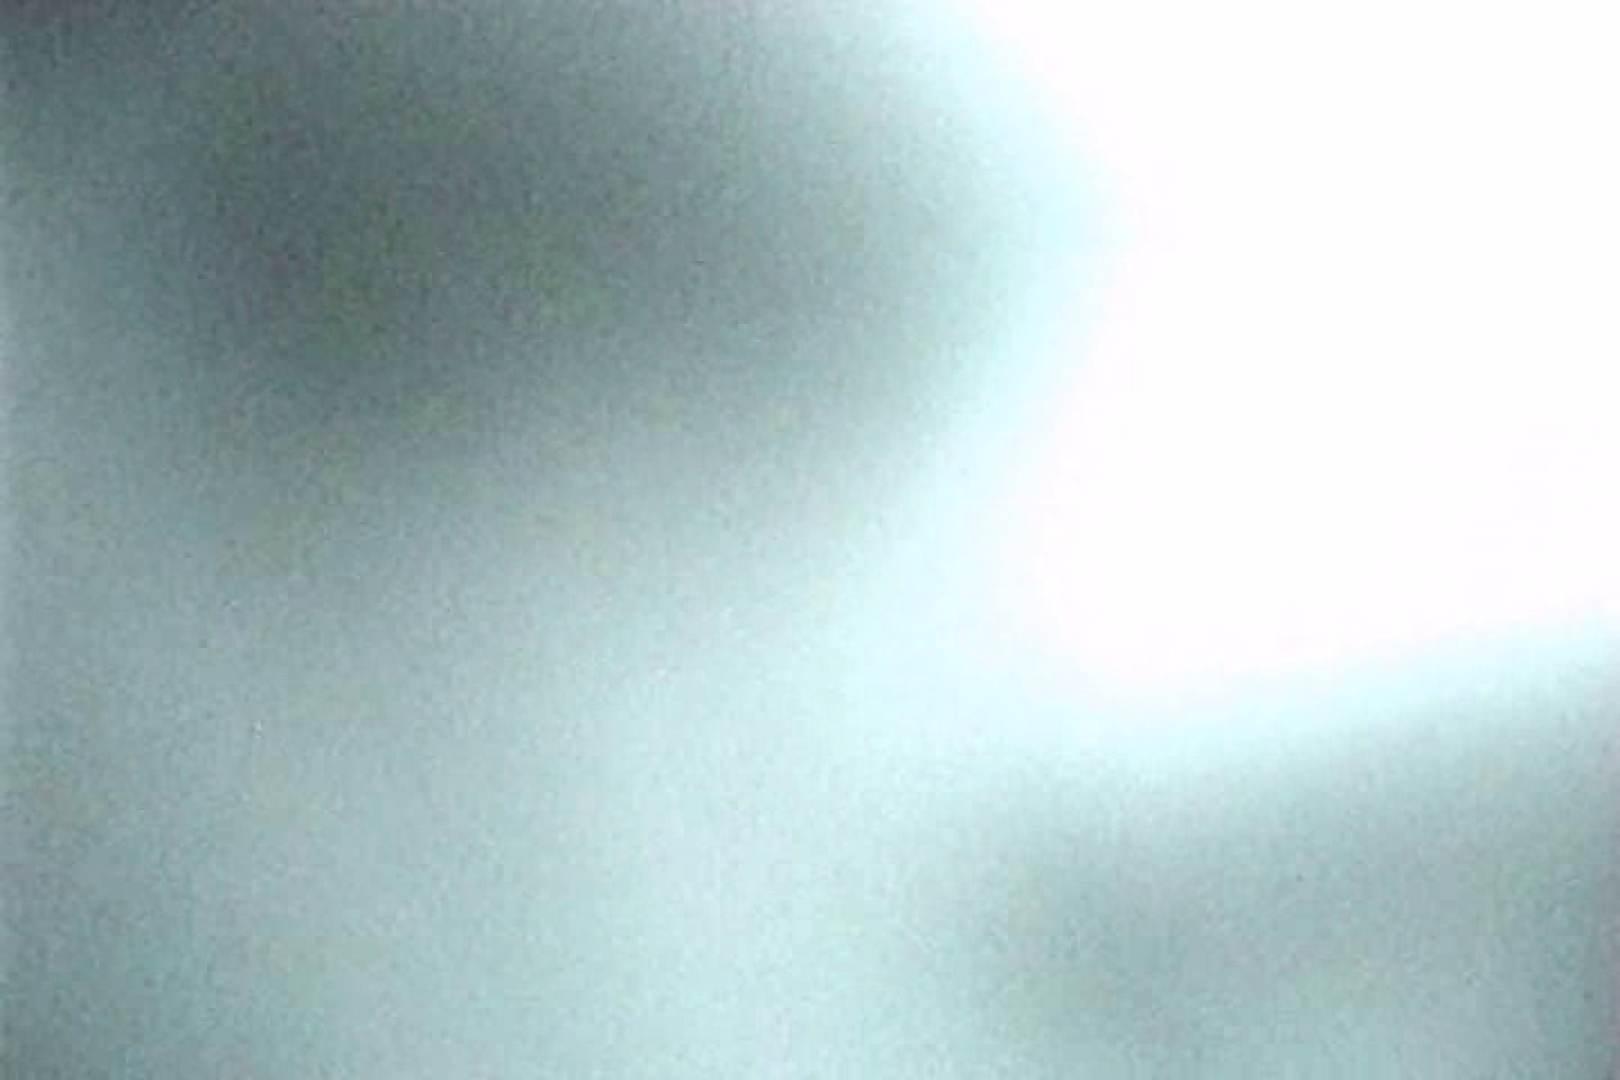 「充血監督」さんの深夜の運動会!! vol.132 クンニ  58Pix 4